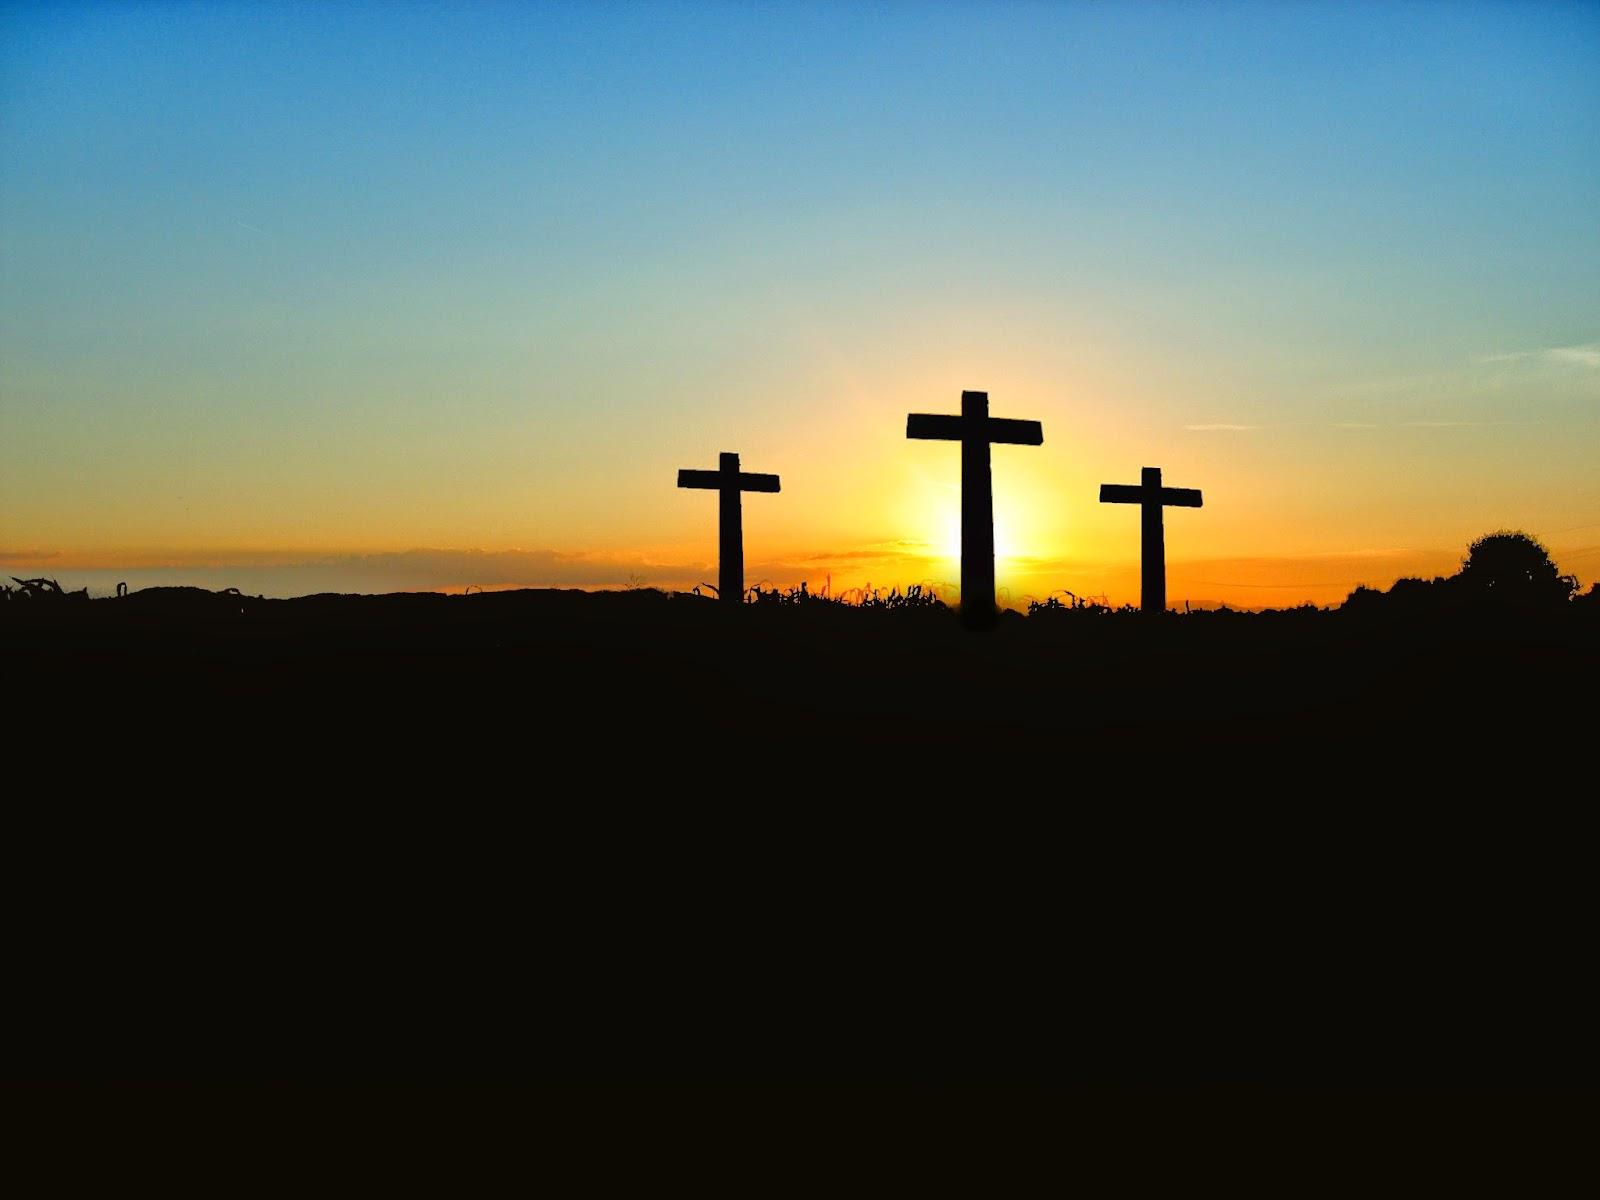 húsvét, Mészely József, nagypéntek, vallás, vers, ünnep, kereszténység,